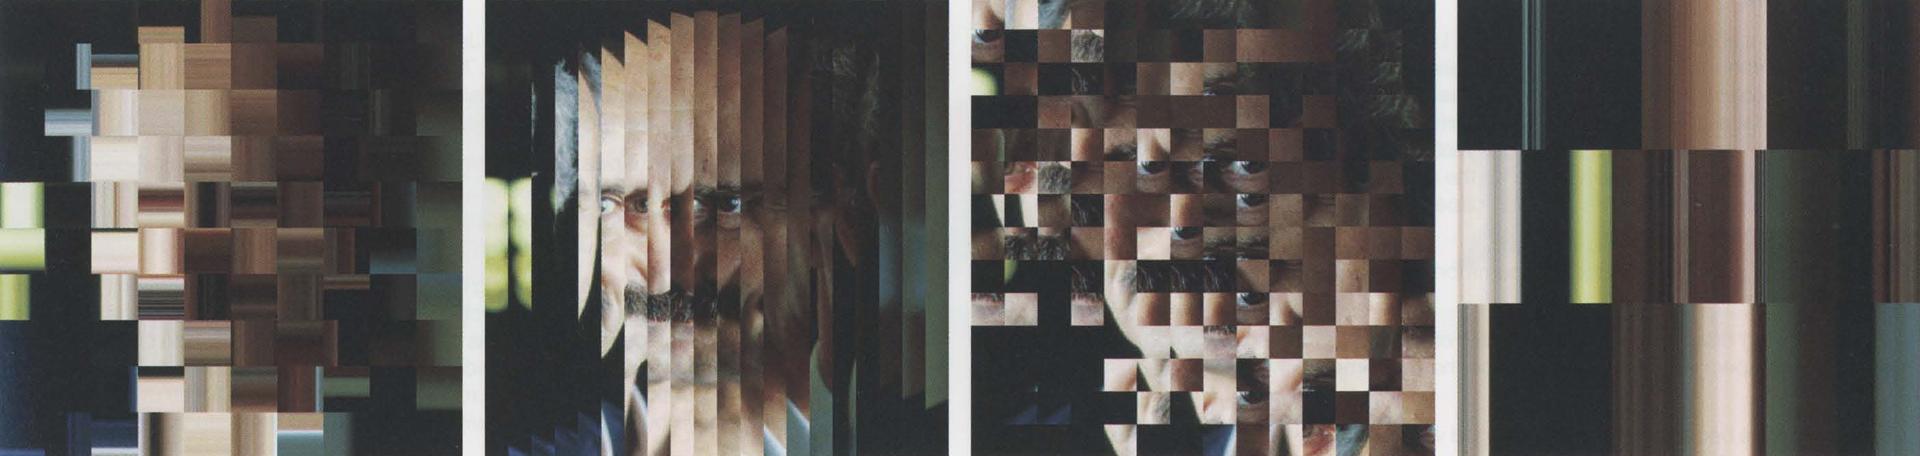 ©2007, Vlatko Ceric, Algorithmic mirror